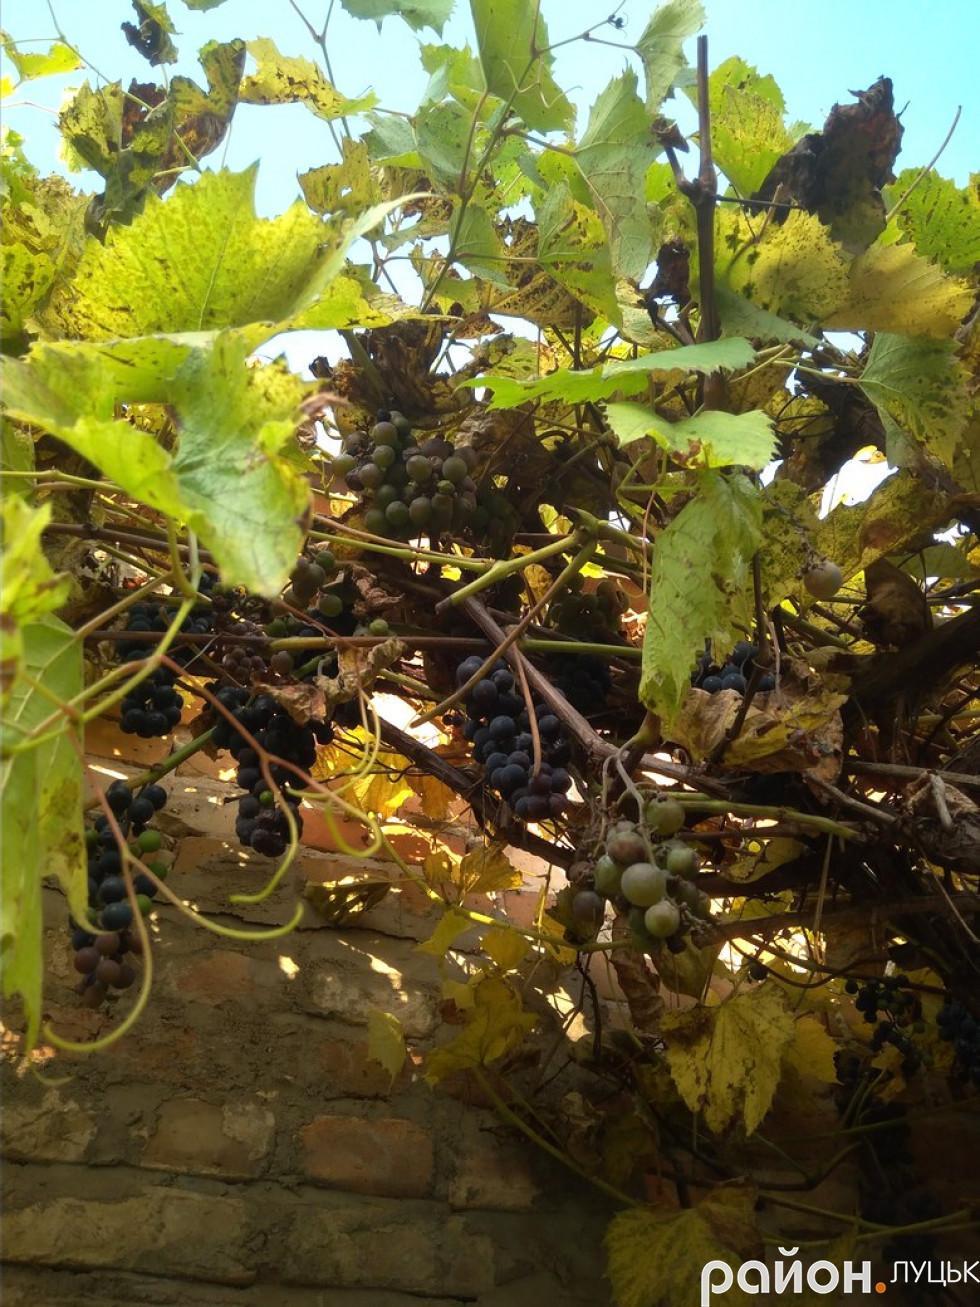 Смачний виноград мешканців будинків